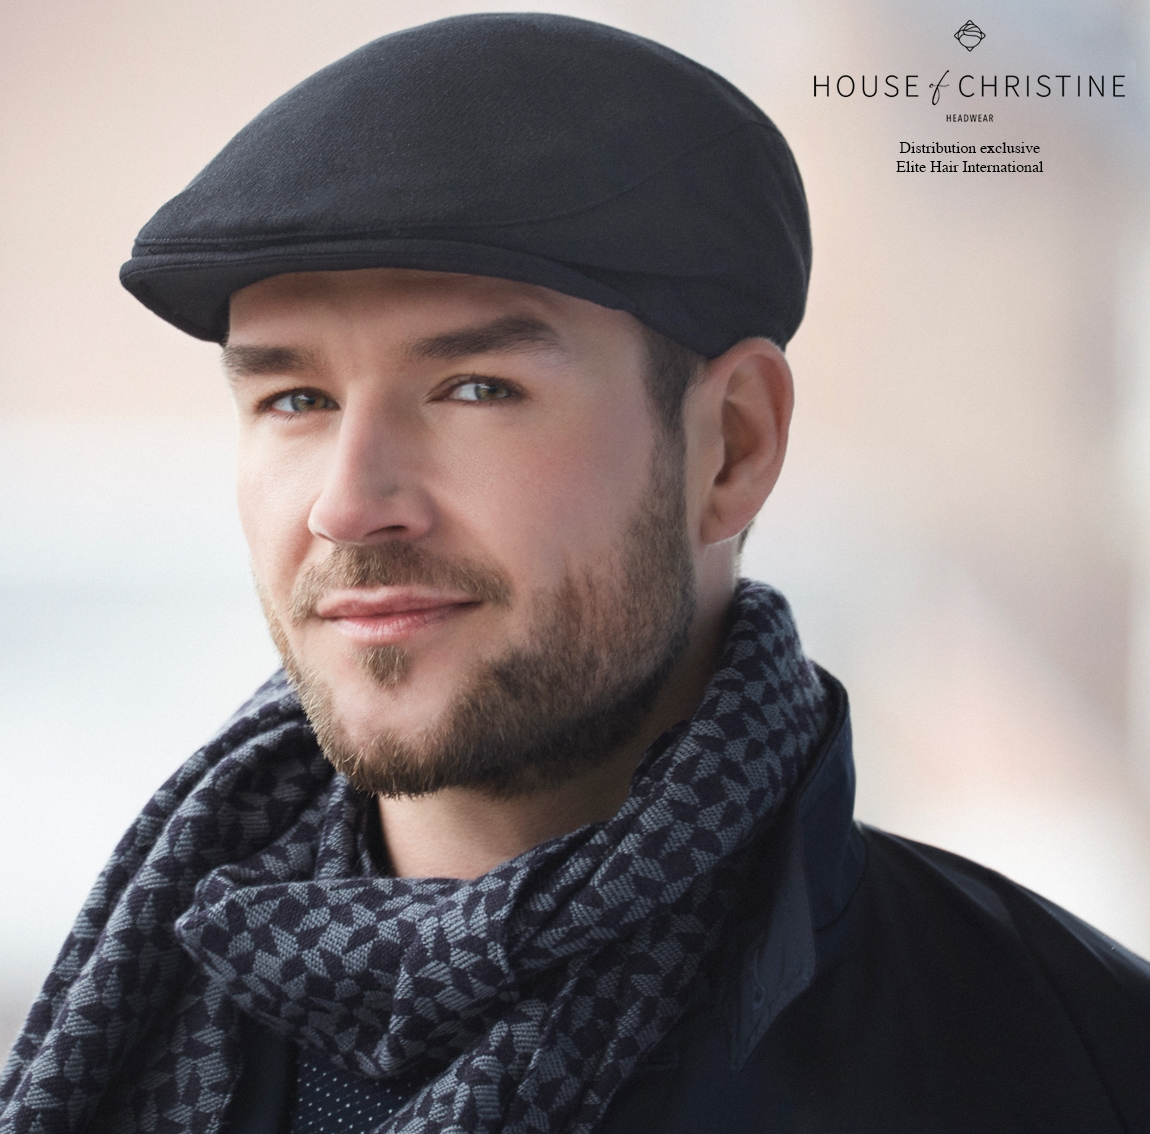 Casquette chimio, casquette homme, noire, laine, christine headwear